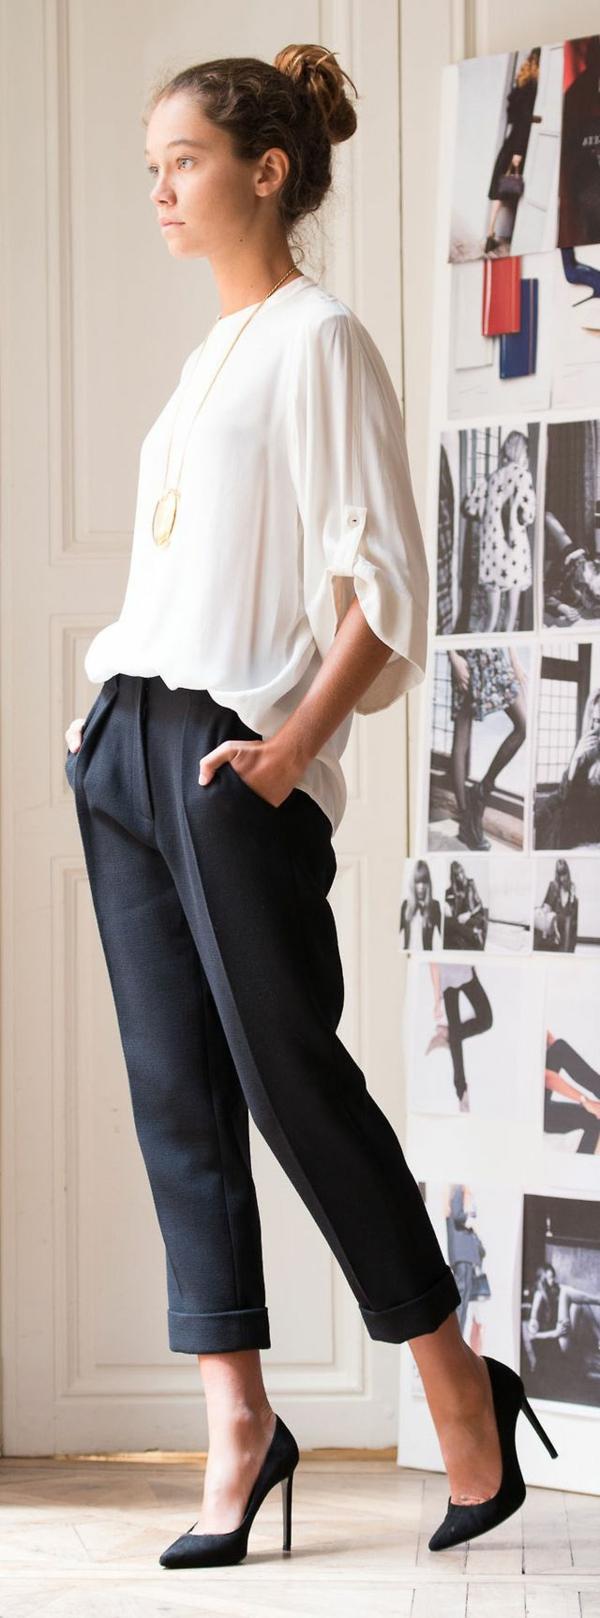 Le Vrai Taille Un Hit Haute Pantalon nx77qwTY